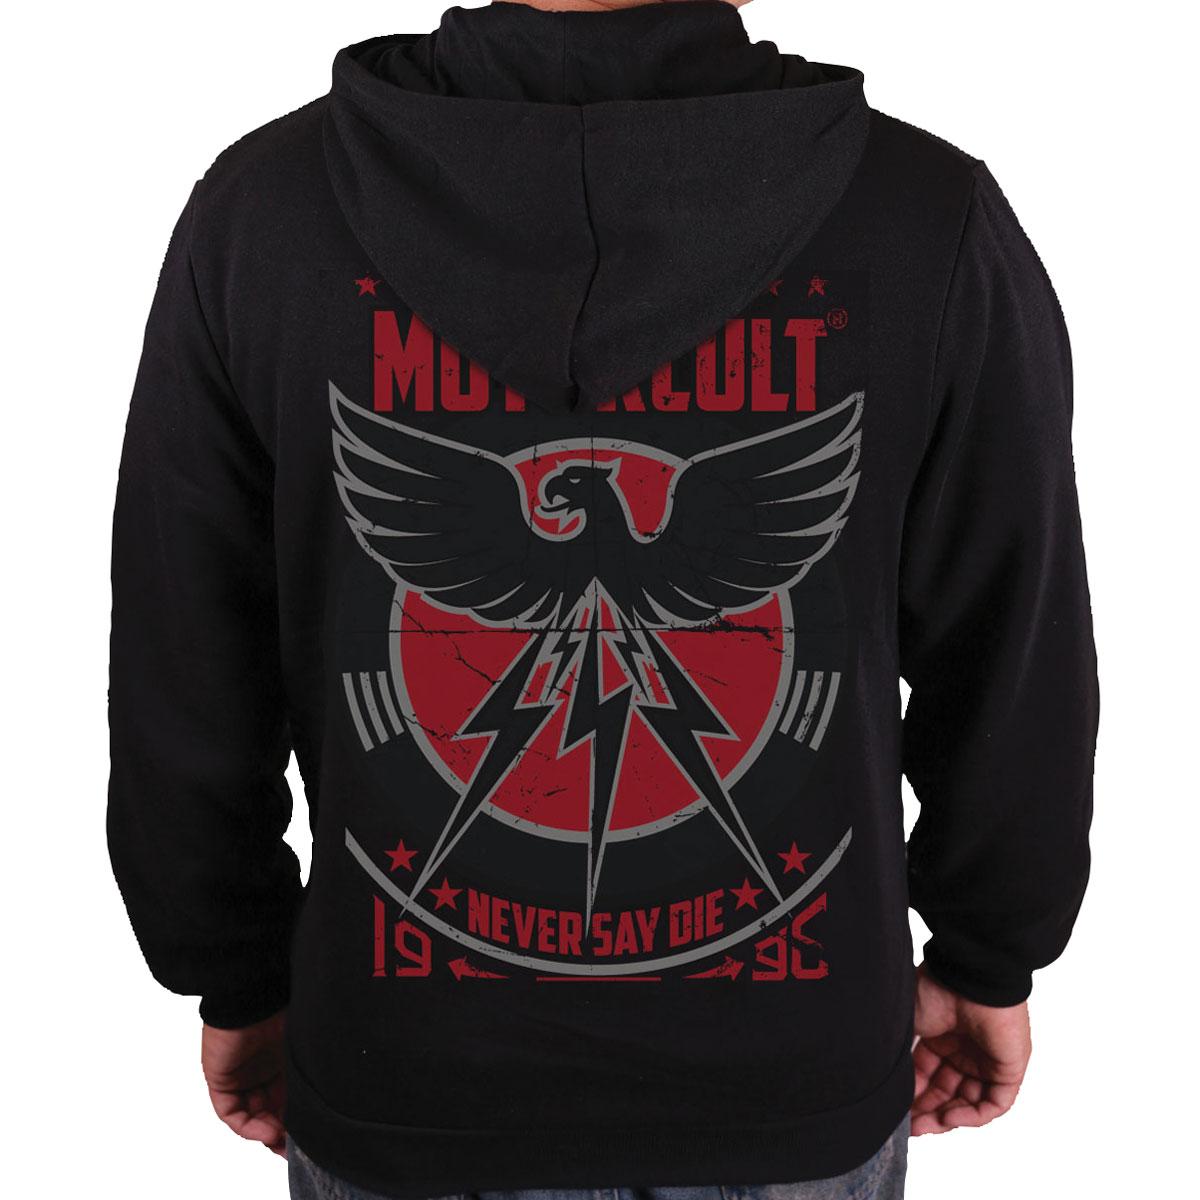 MotorCult Men's Never Say Die Black Full Zip Hoodie